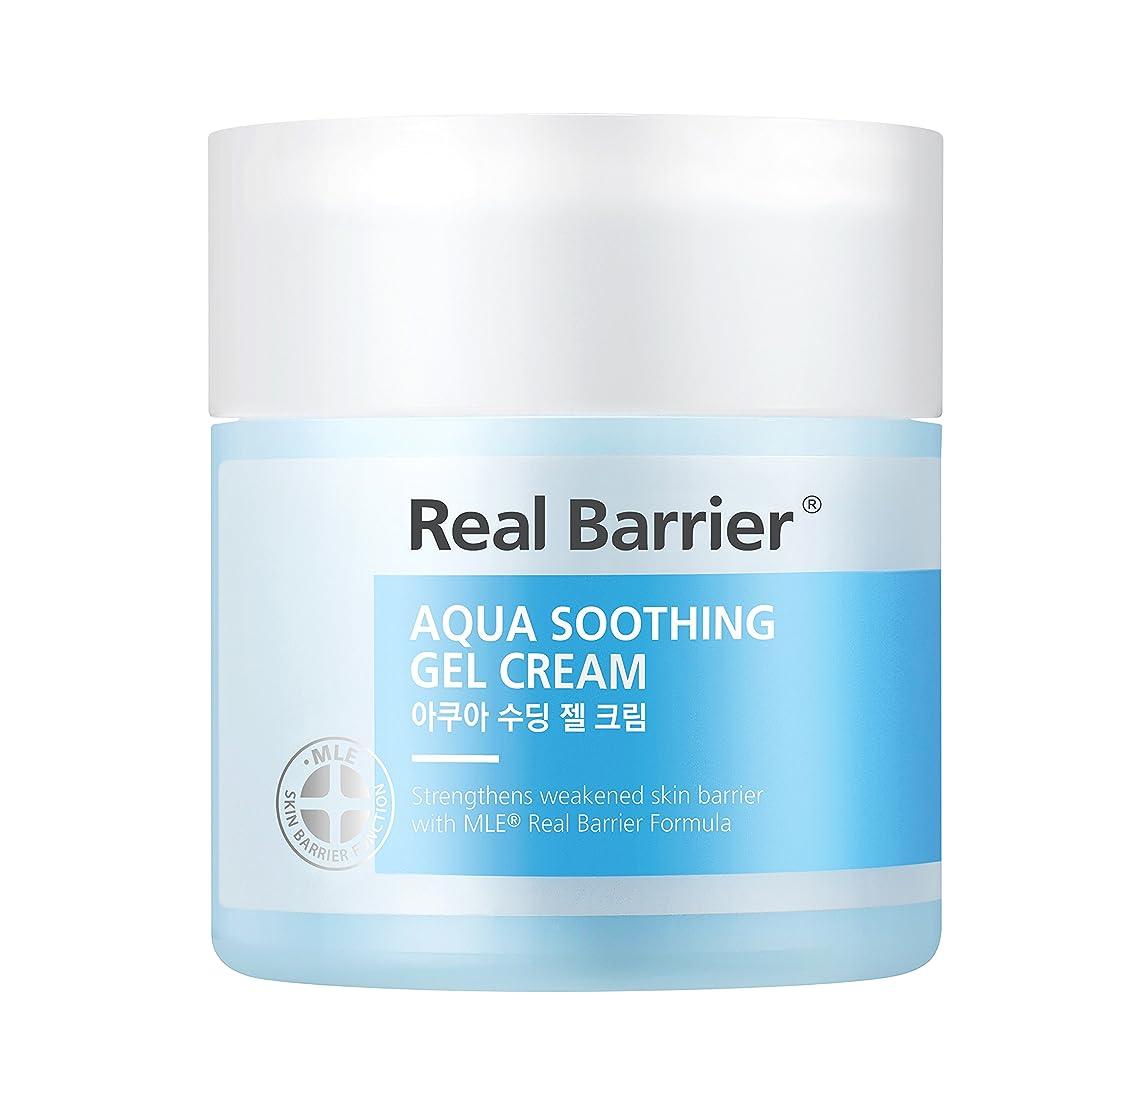 従来のやさしくパワーセルNeopharm リアルバリア アクア リリーフ ジェル クリーム Real Barrier AQUA Relief Gel Cream ATOPALM